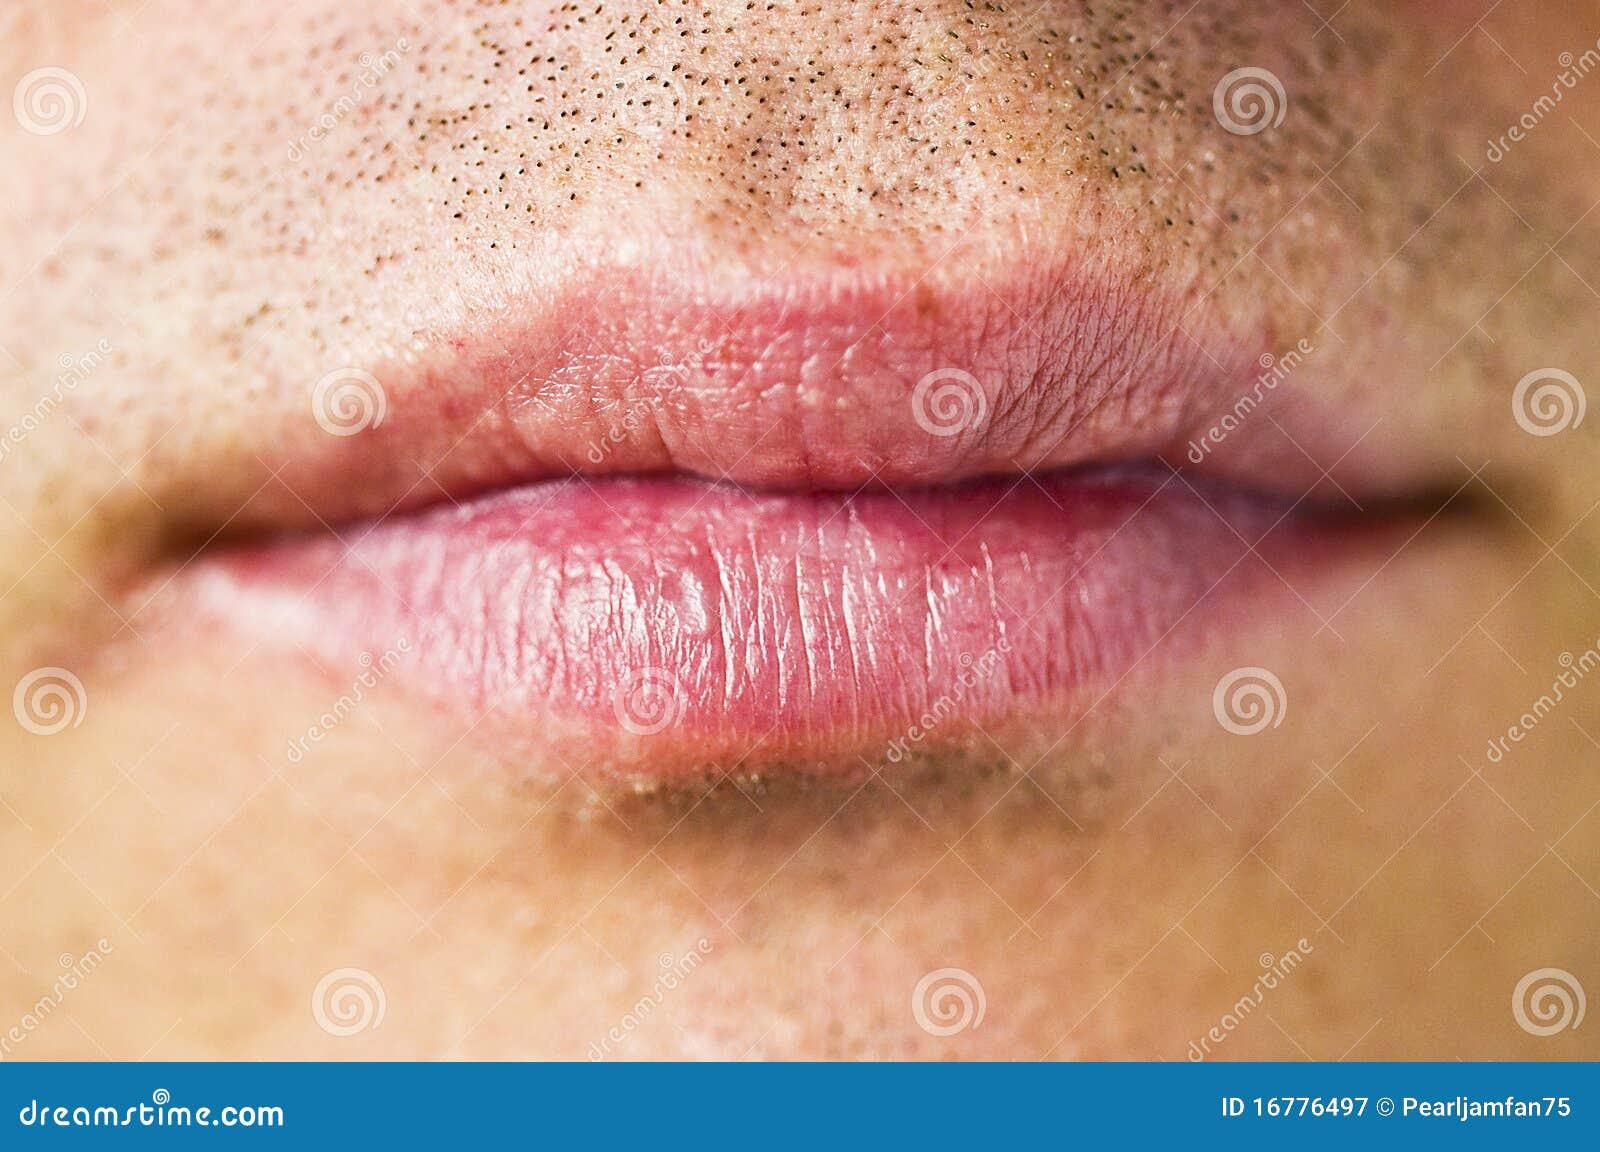 Boca del hombre lleno de esperma